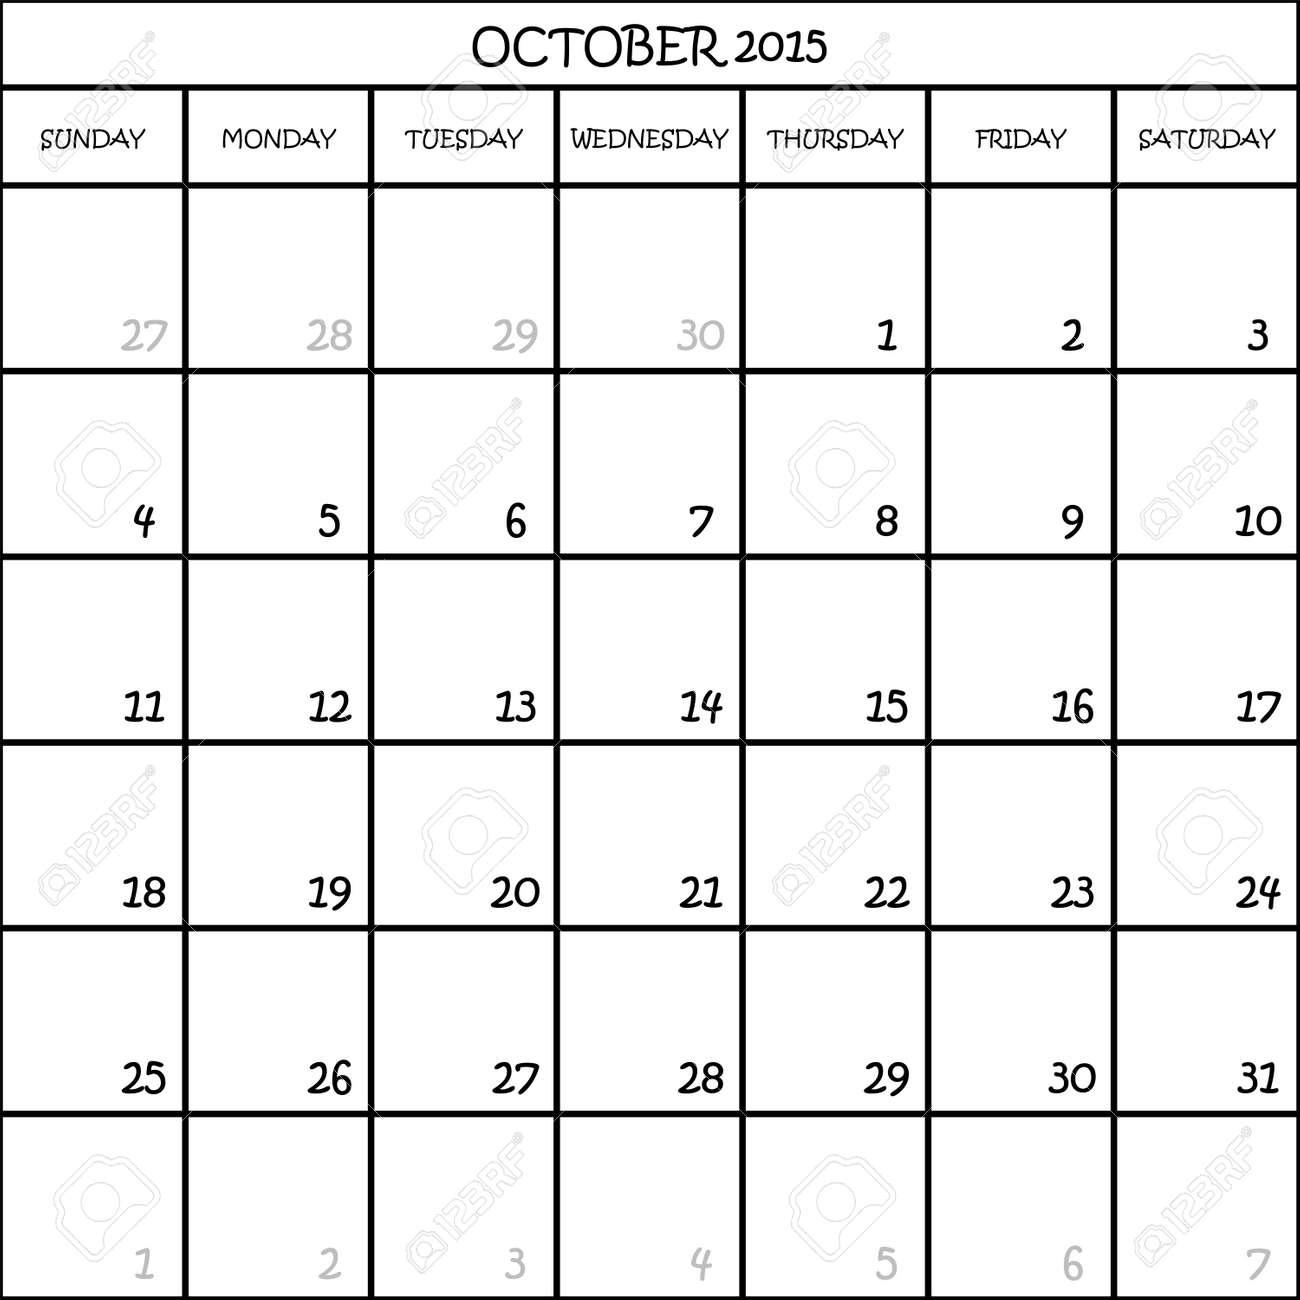 OCTOBER 2015 CALENDAR PLANNER MONTH ON TRANSPARENT BACKGROUND ...